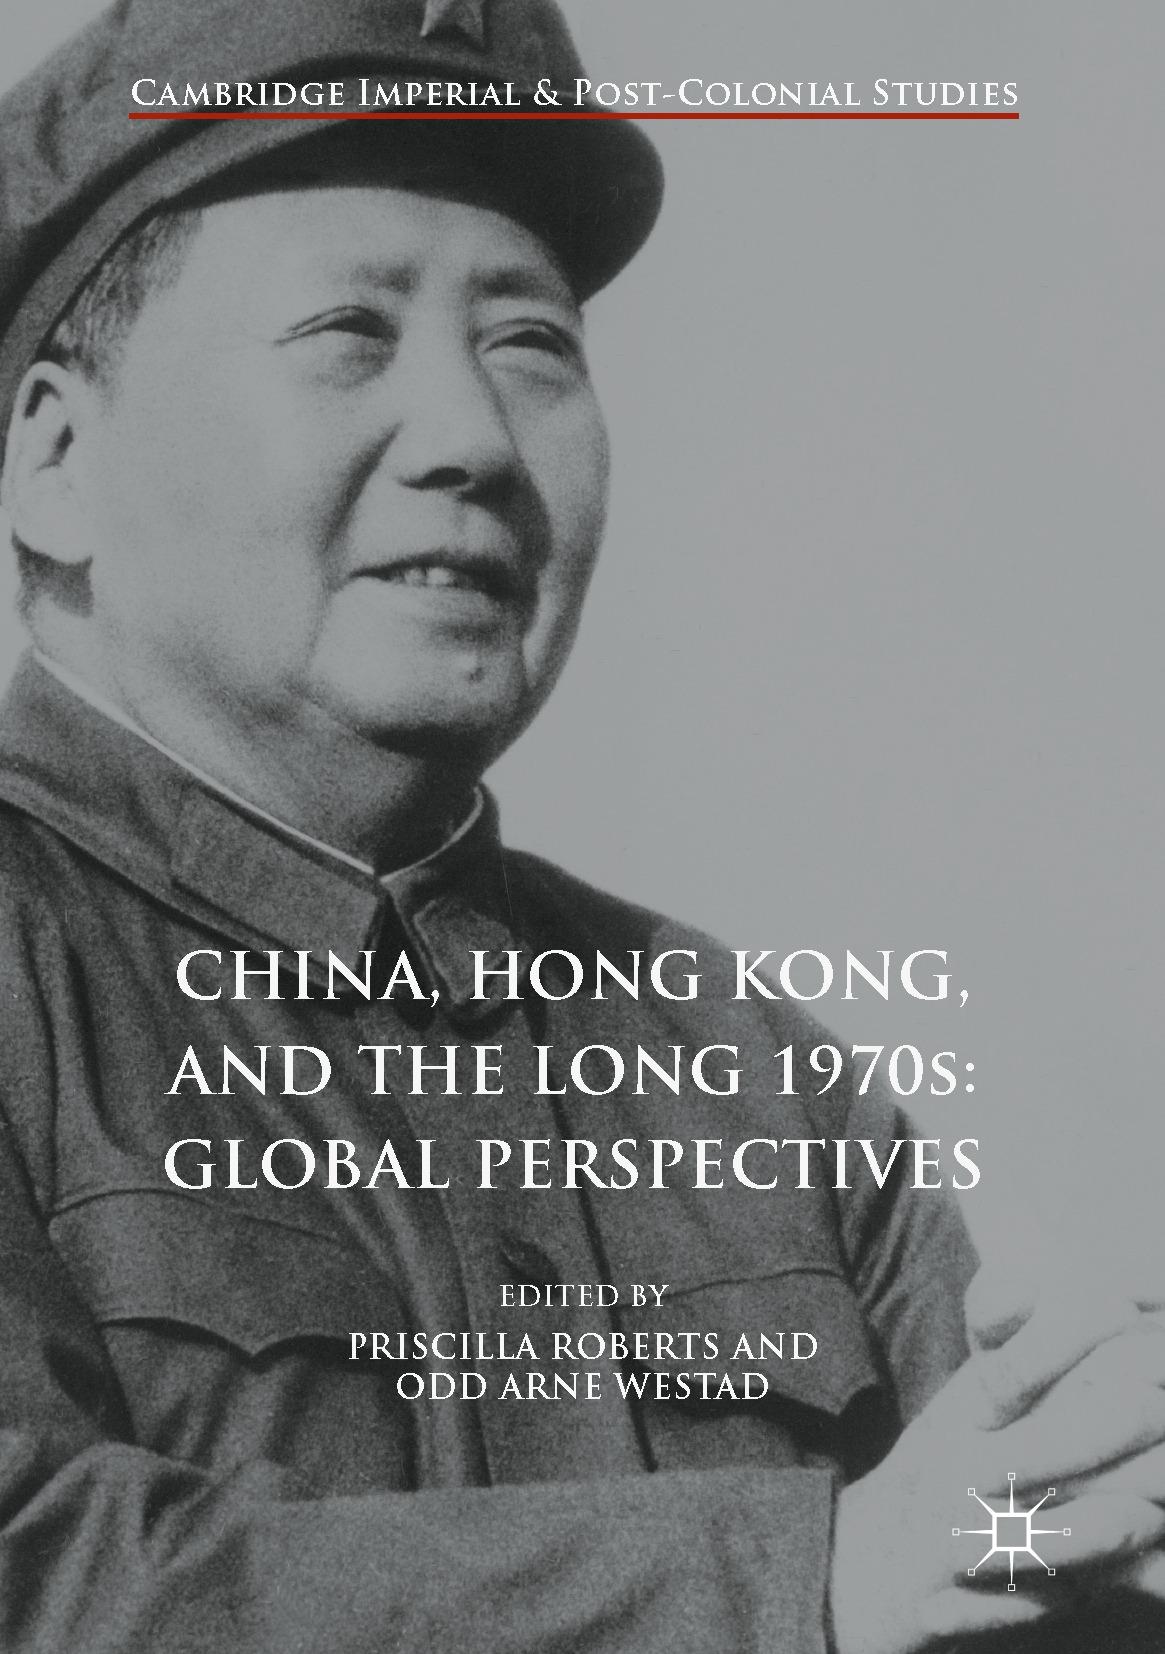 Roberts, Priscilla - China, Hong Kong, and the Long 1970s: Global Perspectives, ebook